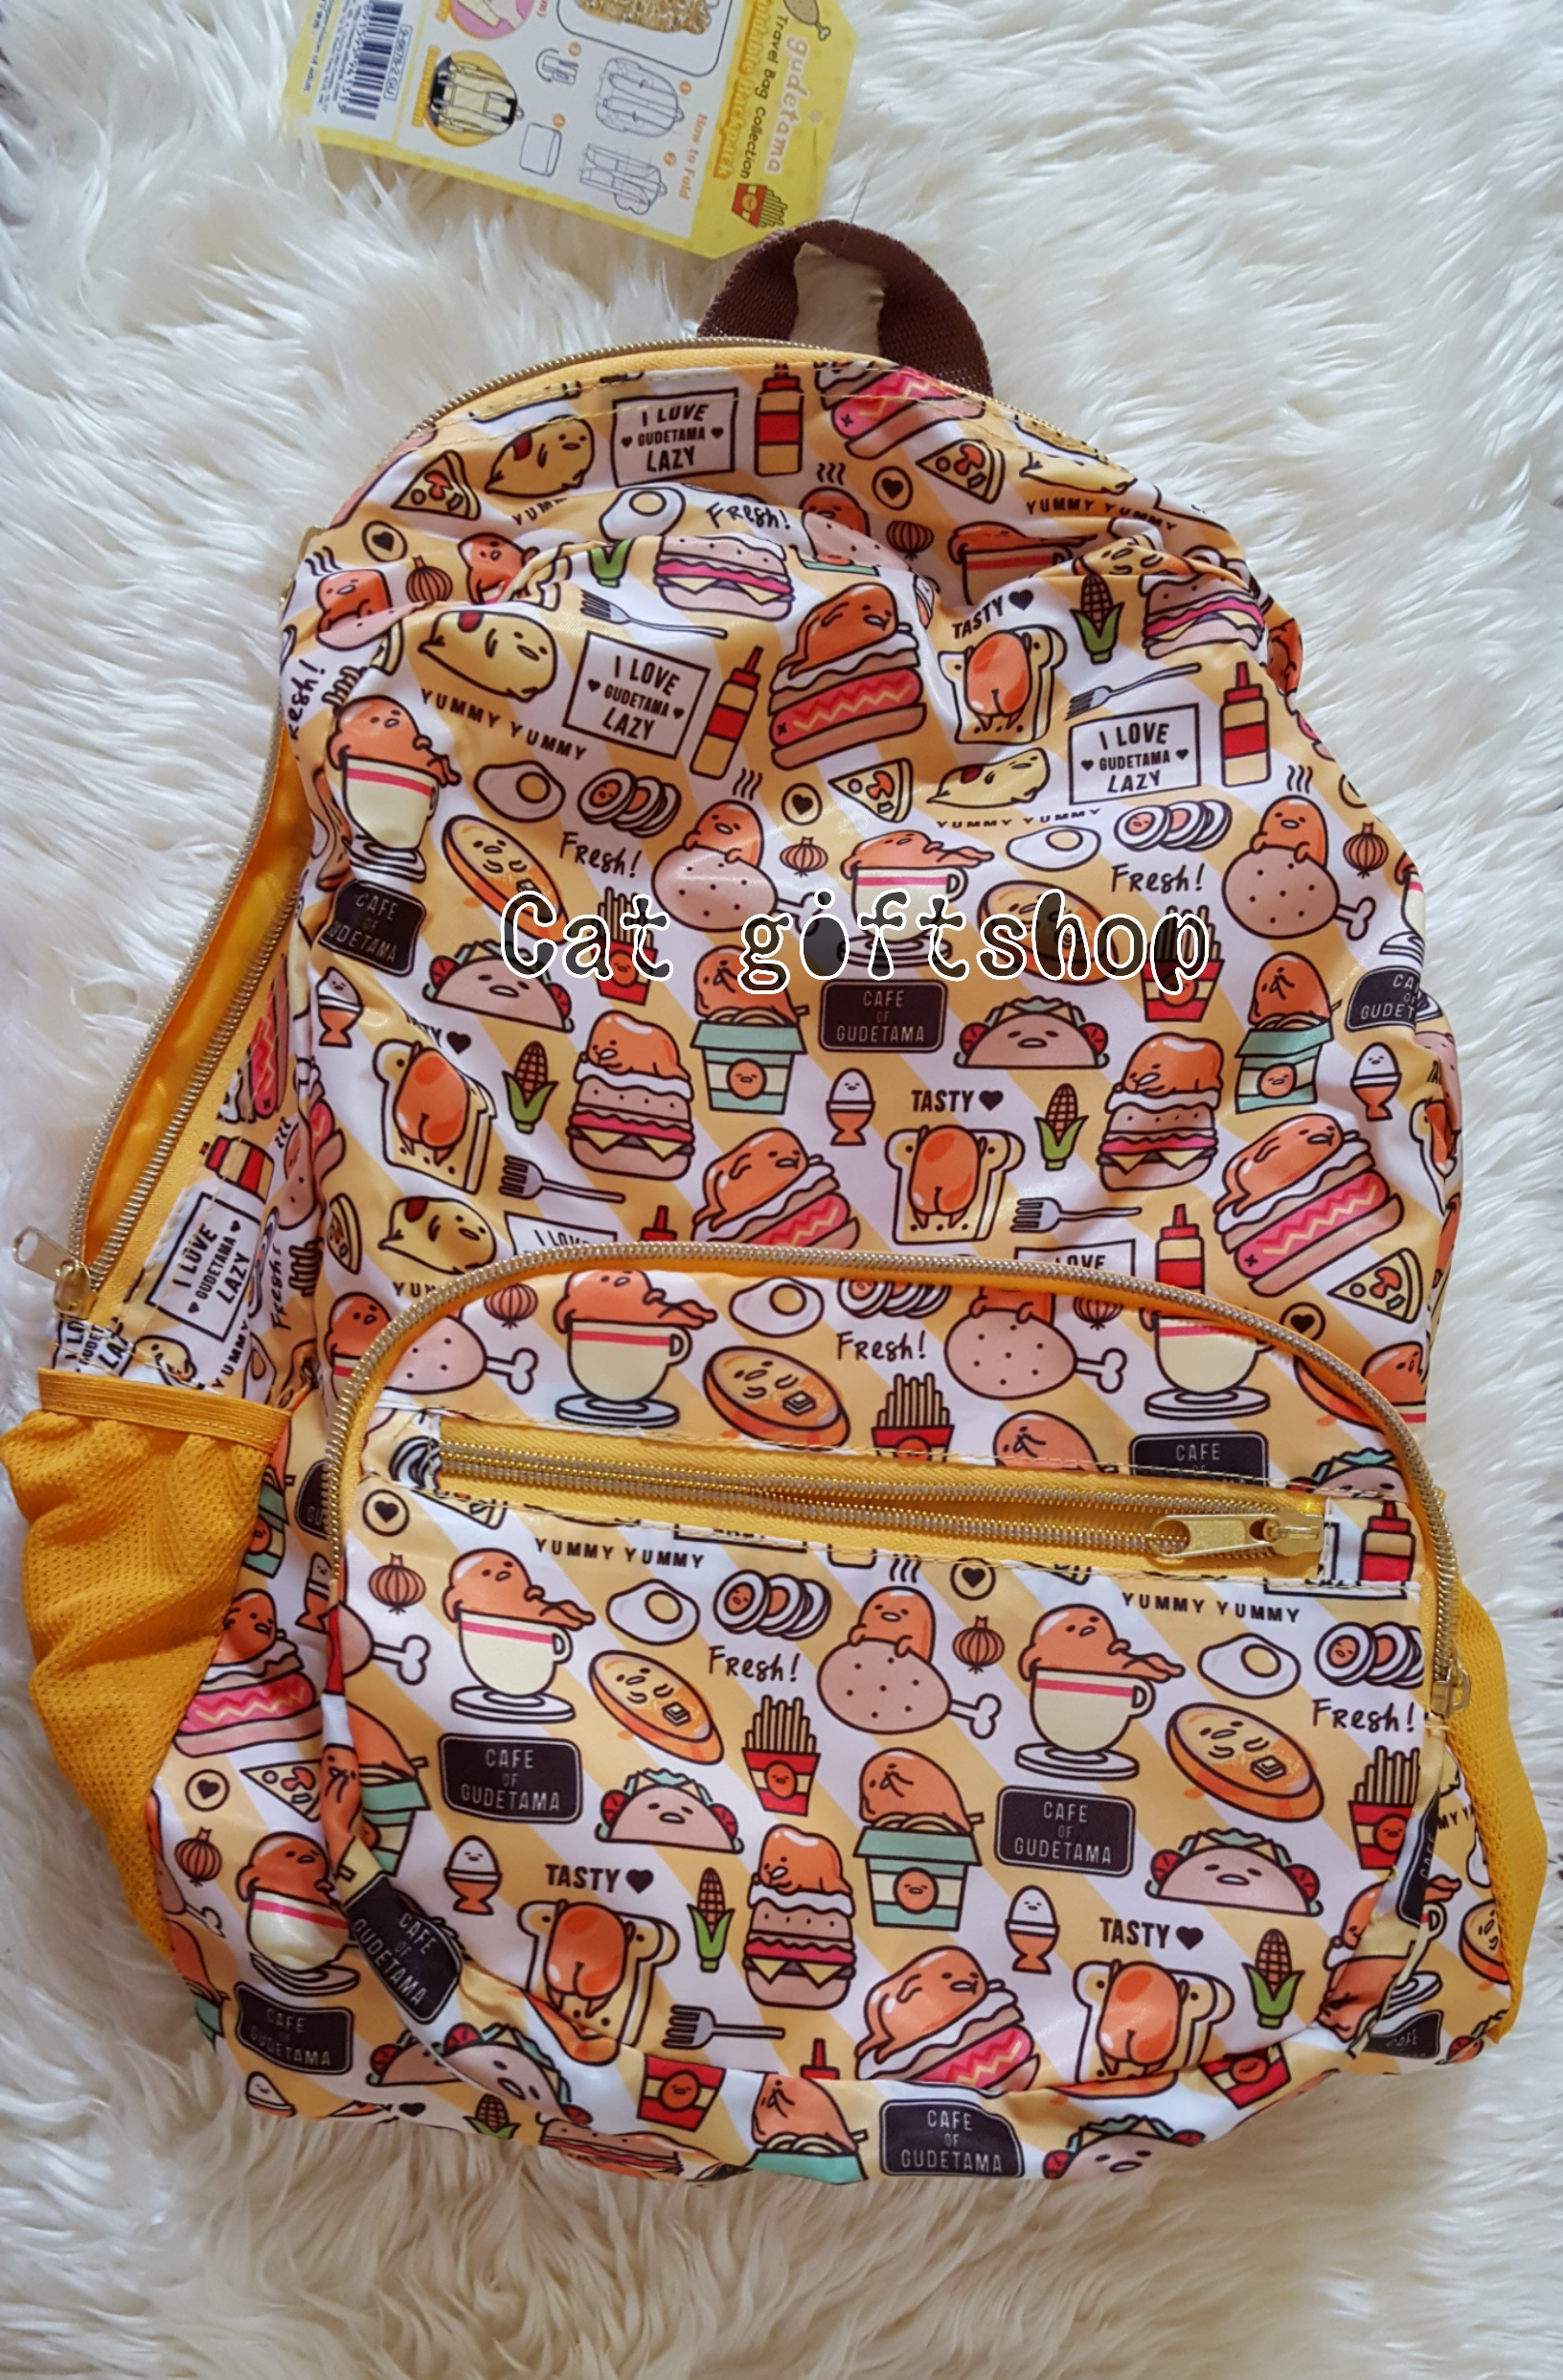 พร้อมส่ง :: กระเป๋าเป้ Gudetama พับเก็บได้